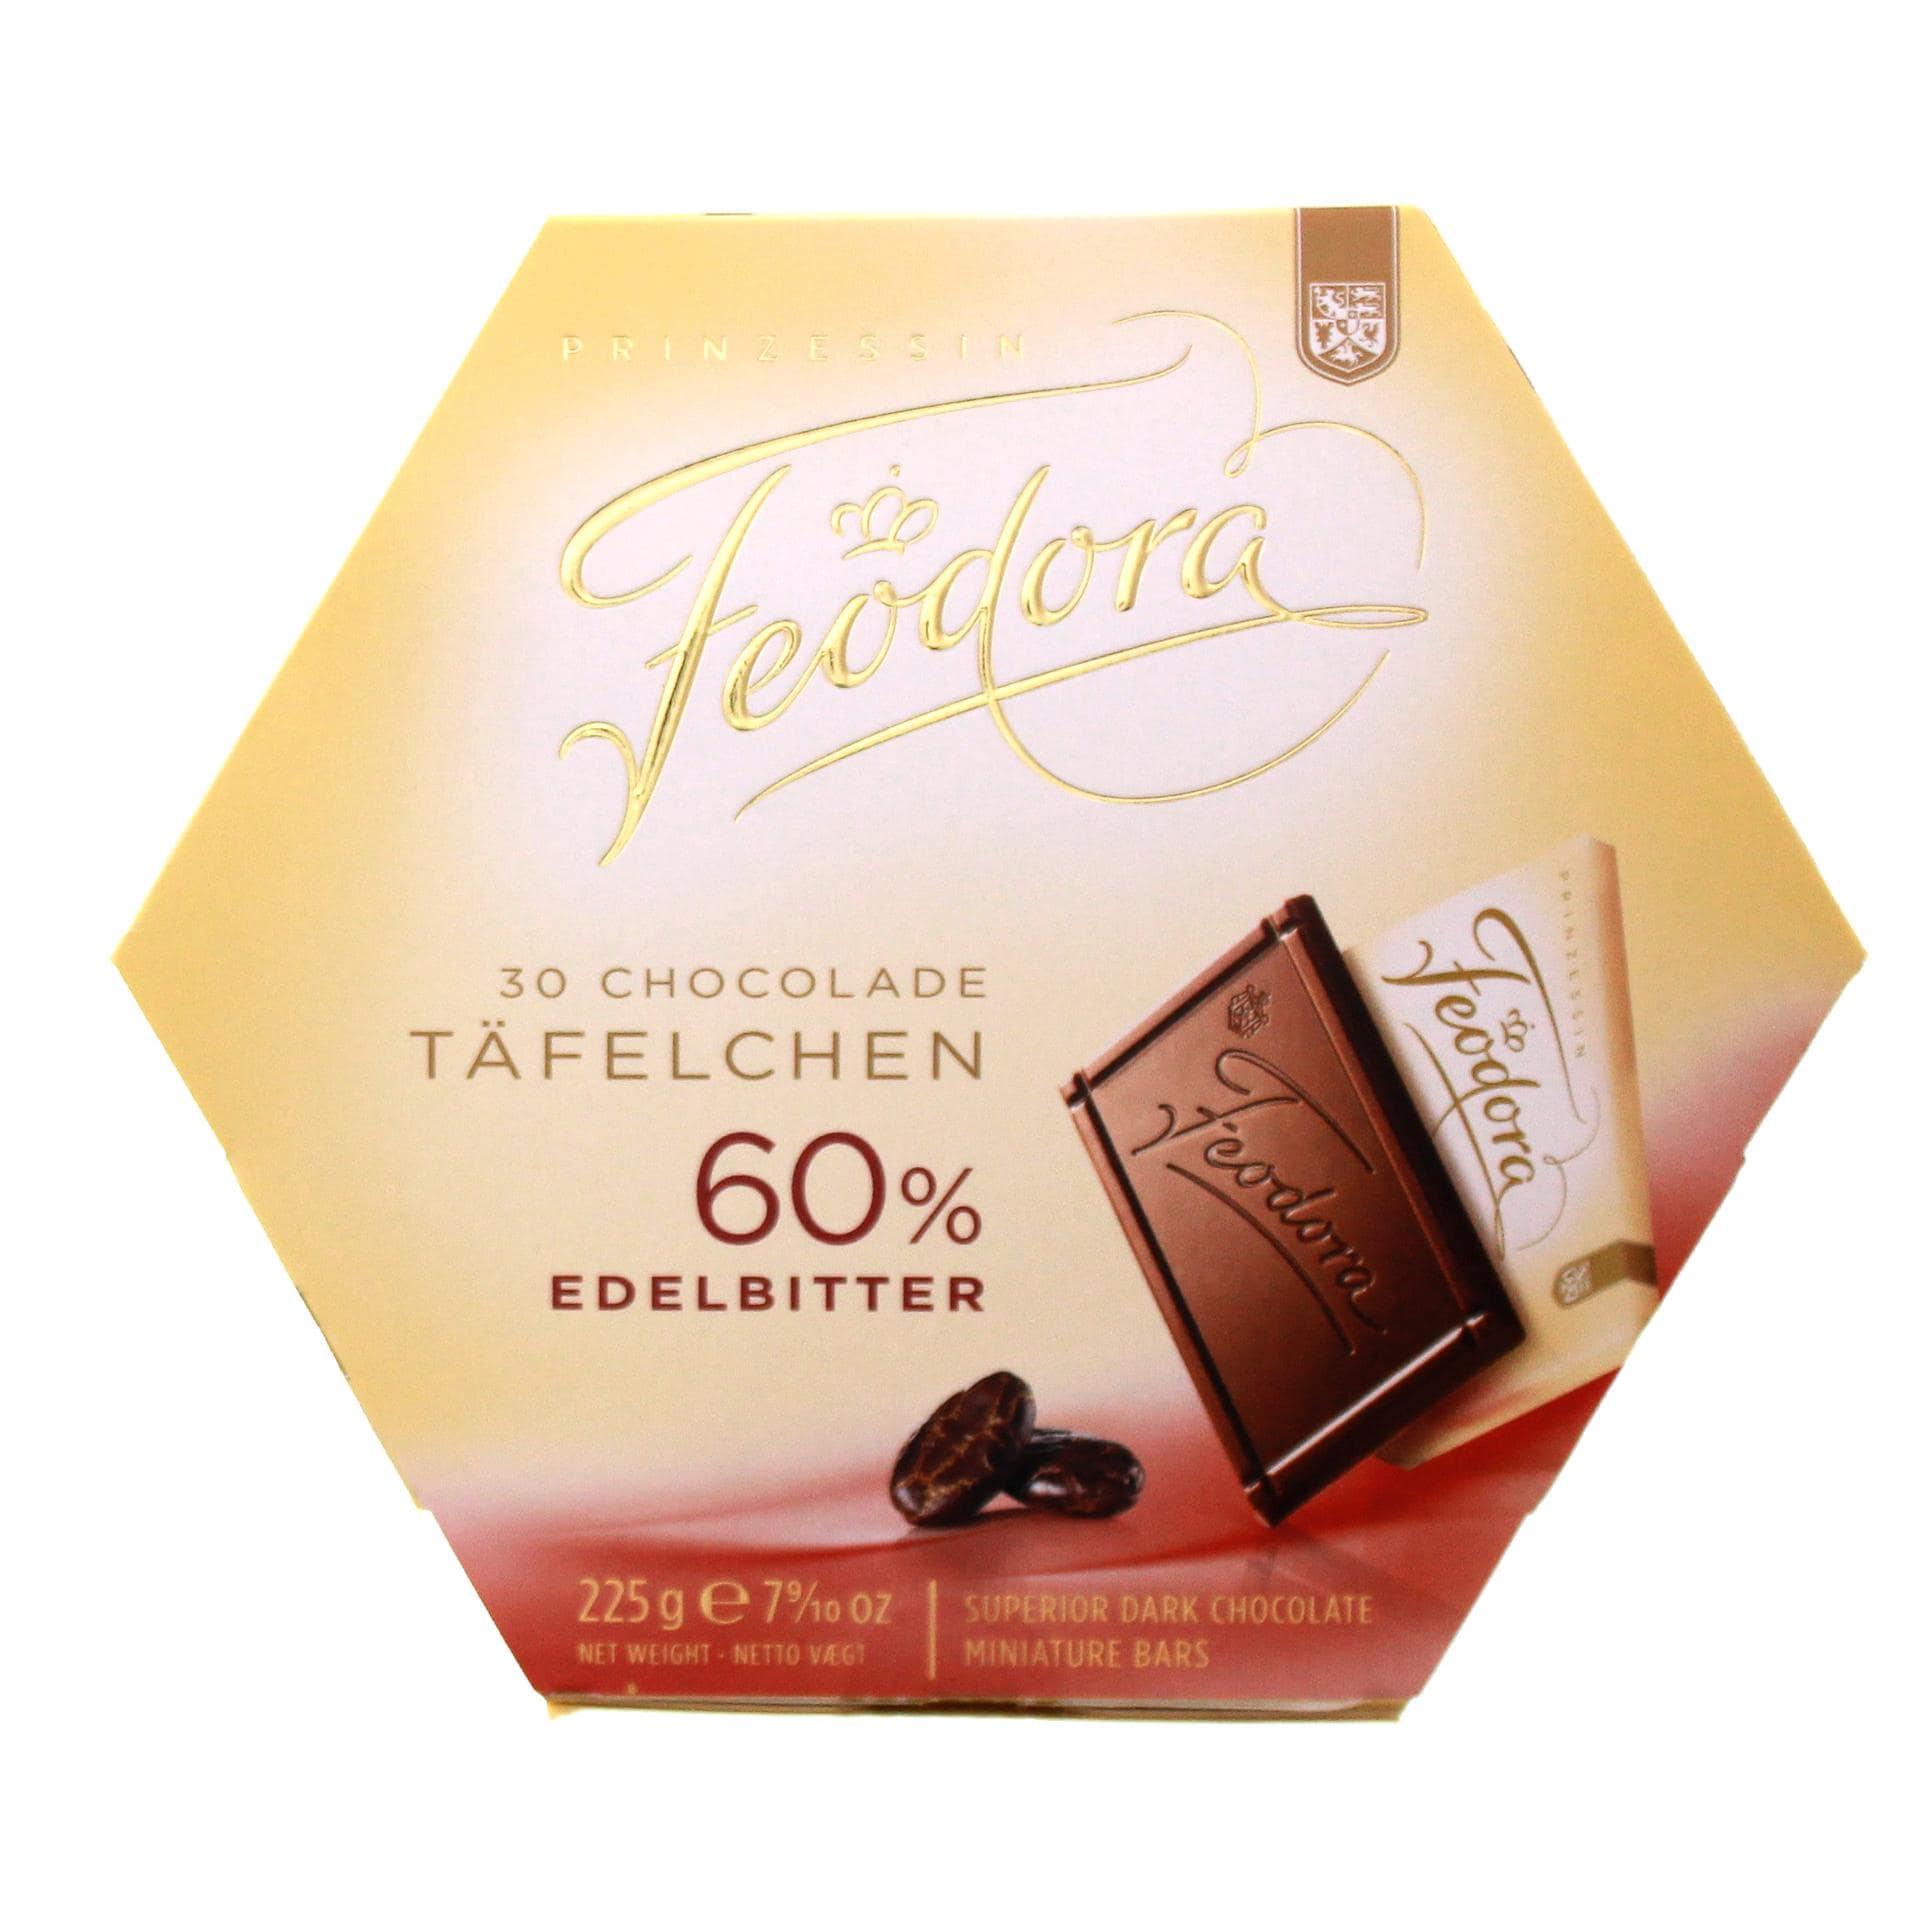 Feodora - Chocolade Täfelchen Edelbitter 60% - 30St/225g